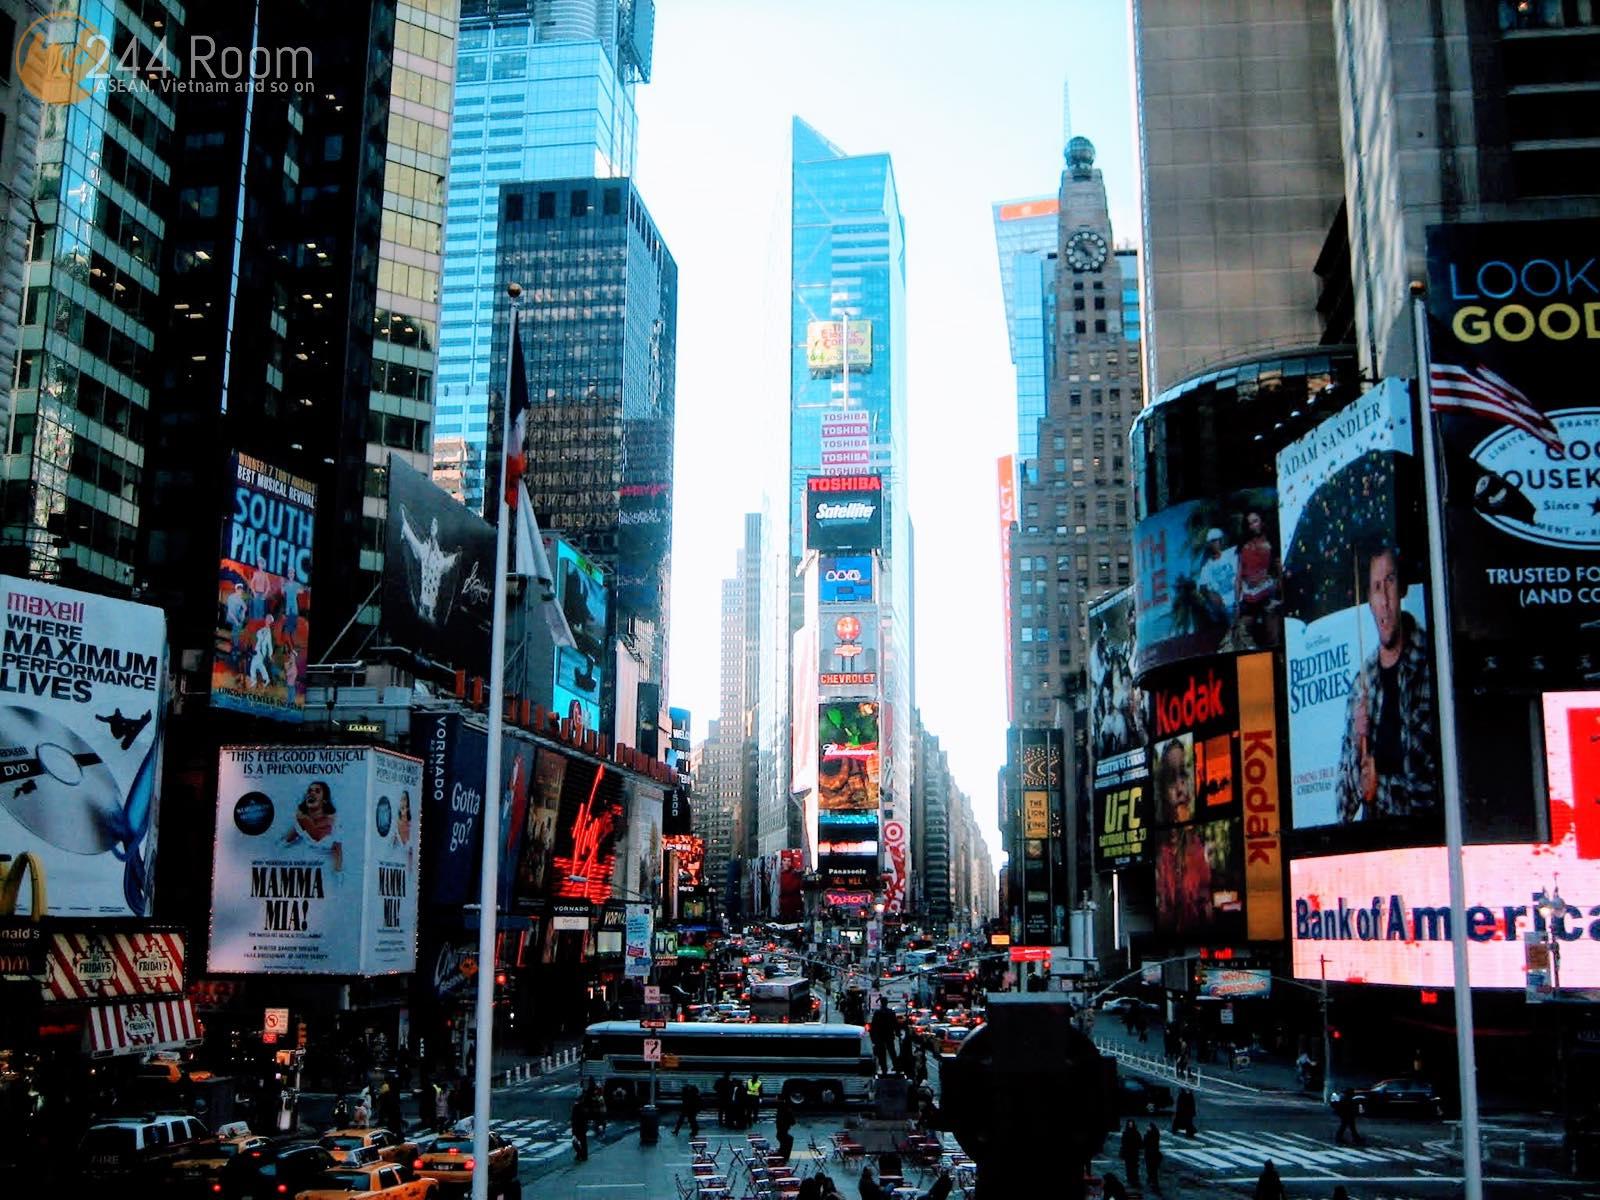 ブロードウェイ Broadway